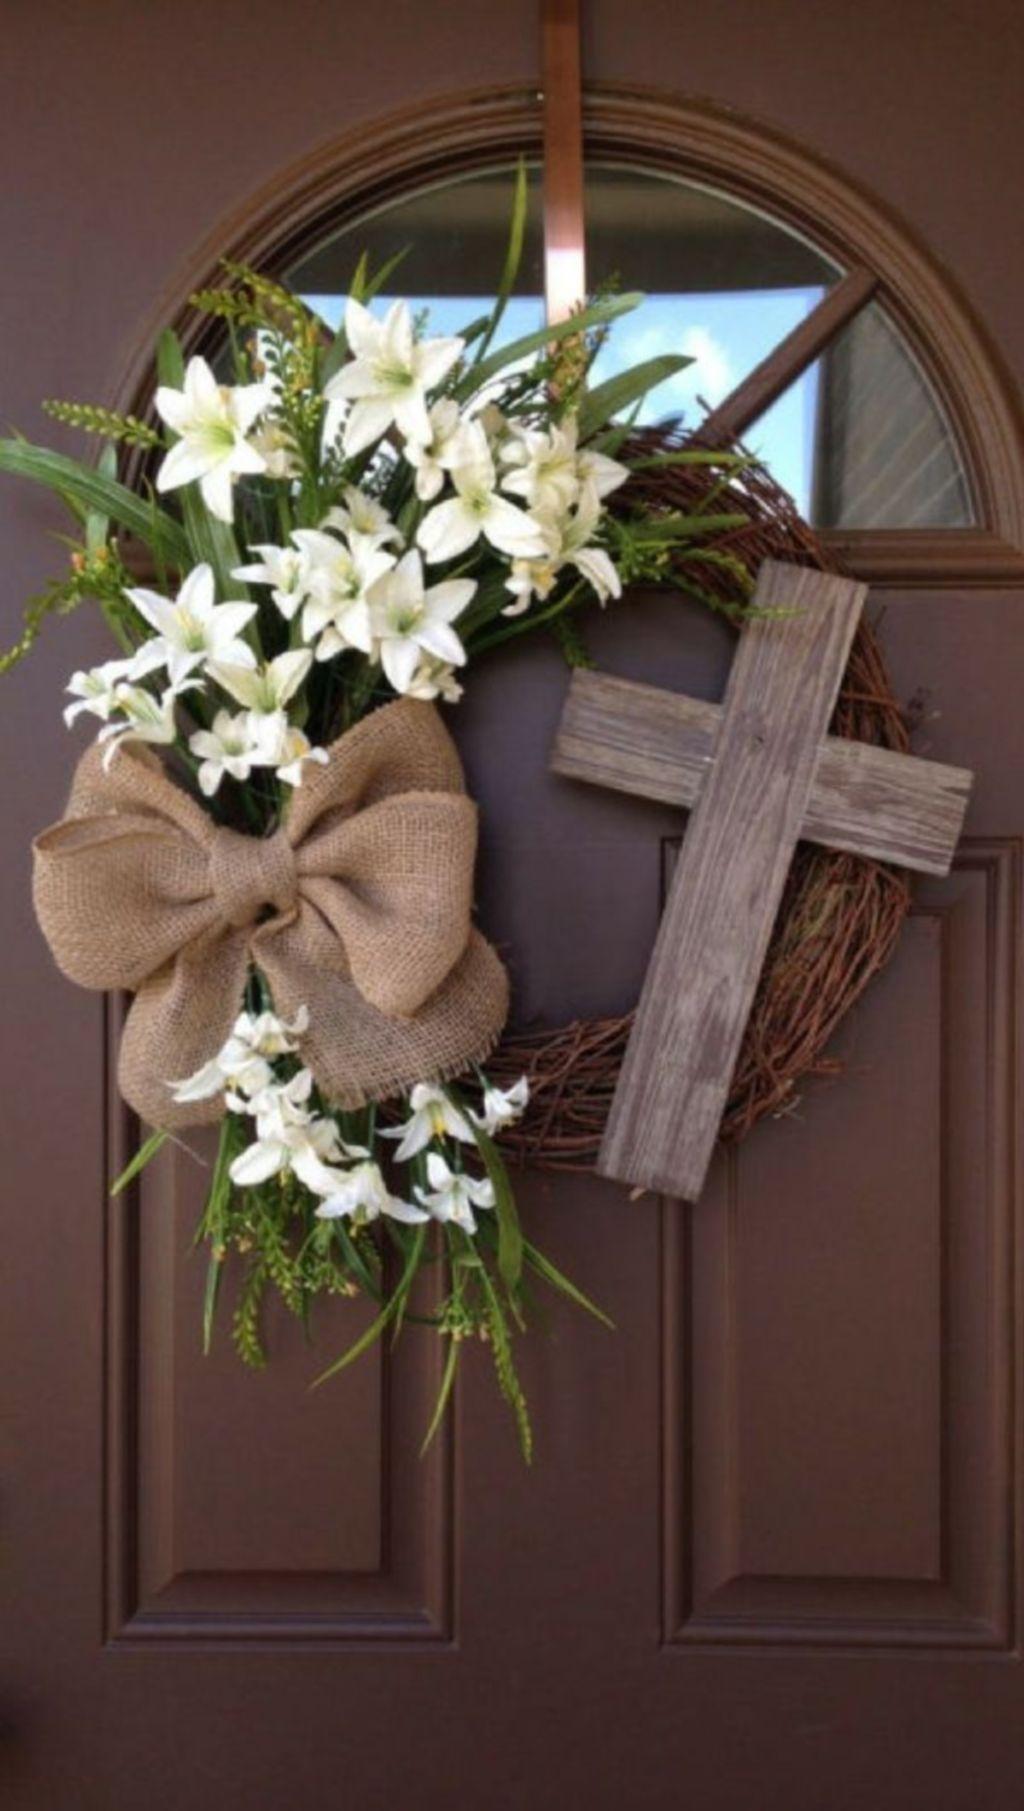 Photo of 20+ Pretty Front Door Wreath Ideas # door #front #ideas #pretty #wreath